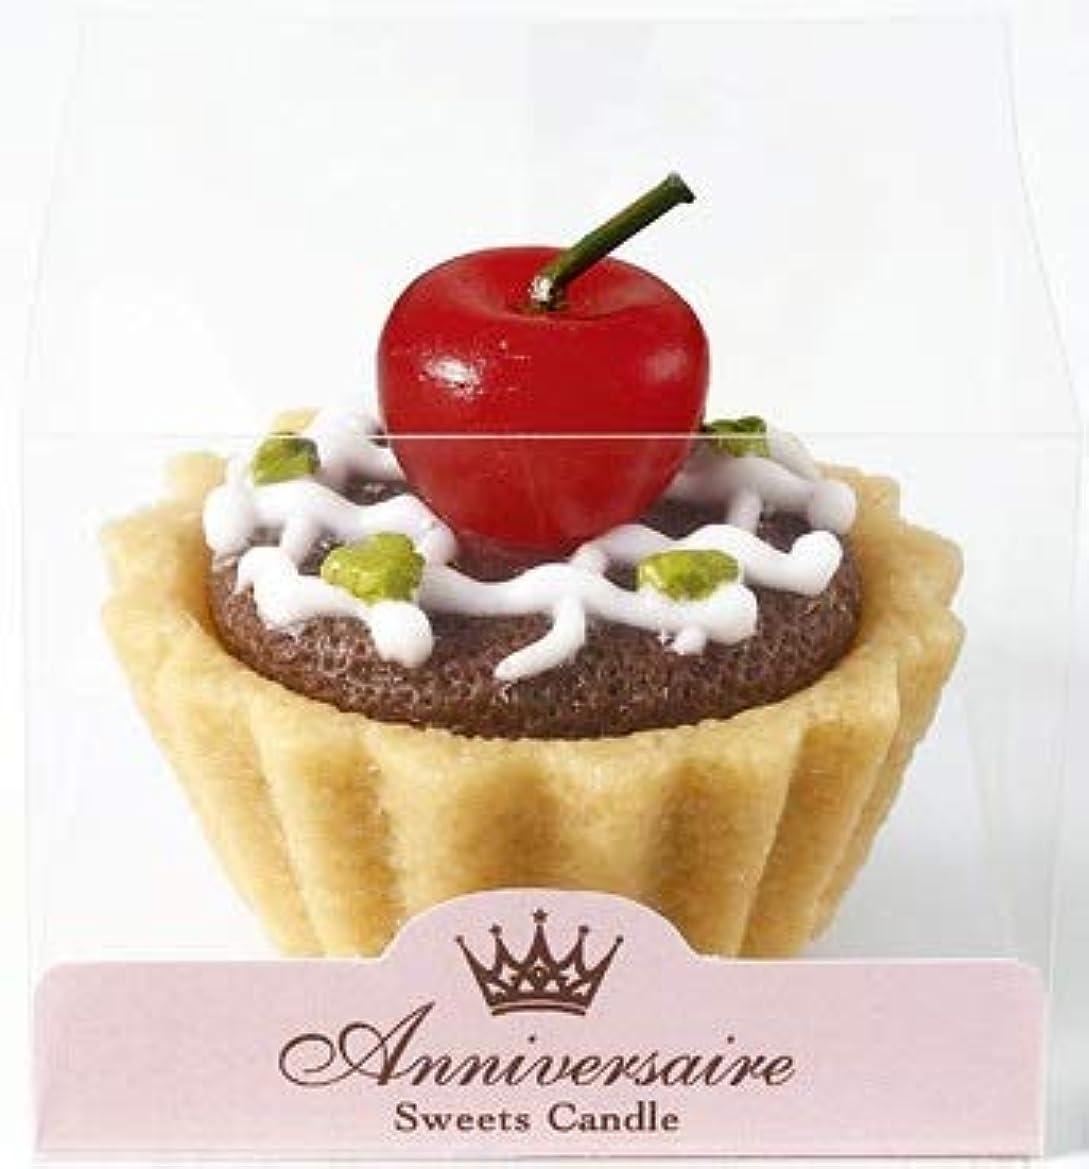 誇りに思う適応する難民sweets candle スイーツキャンドル タルトキャンドル チェリー BA642-05-10